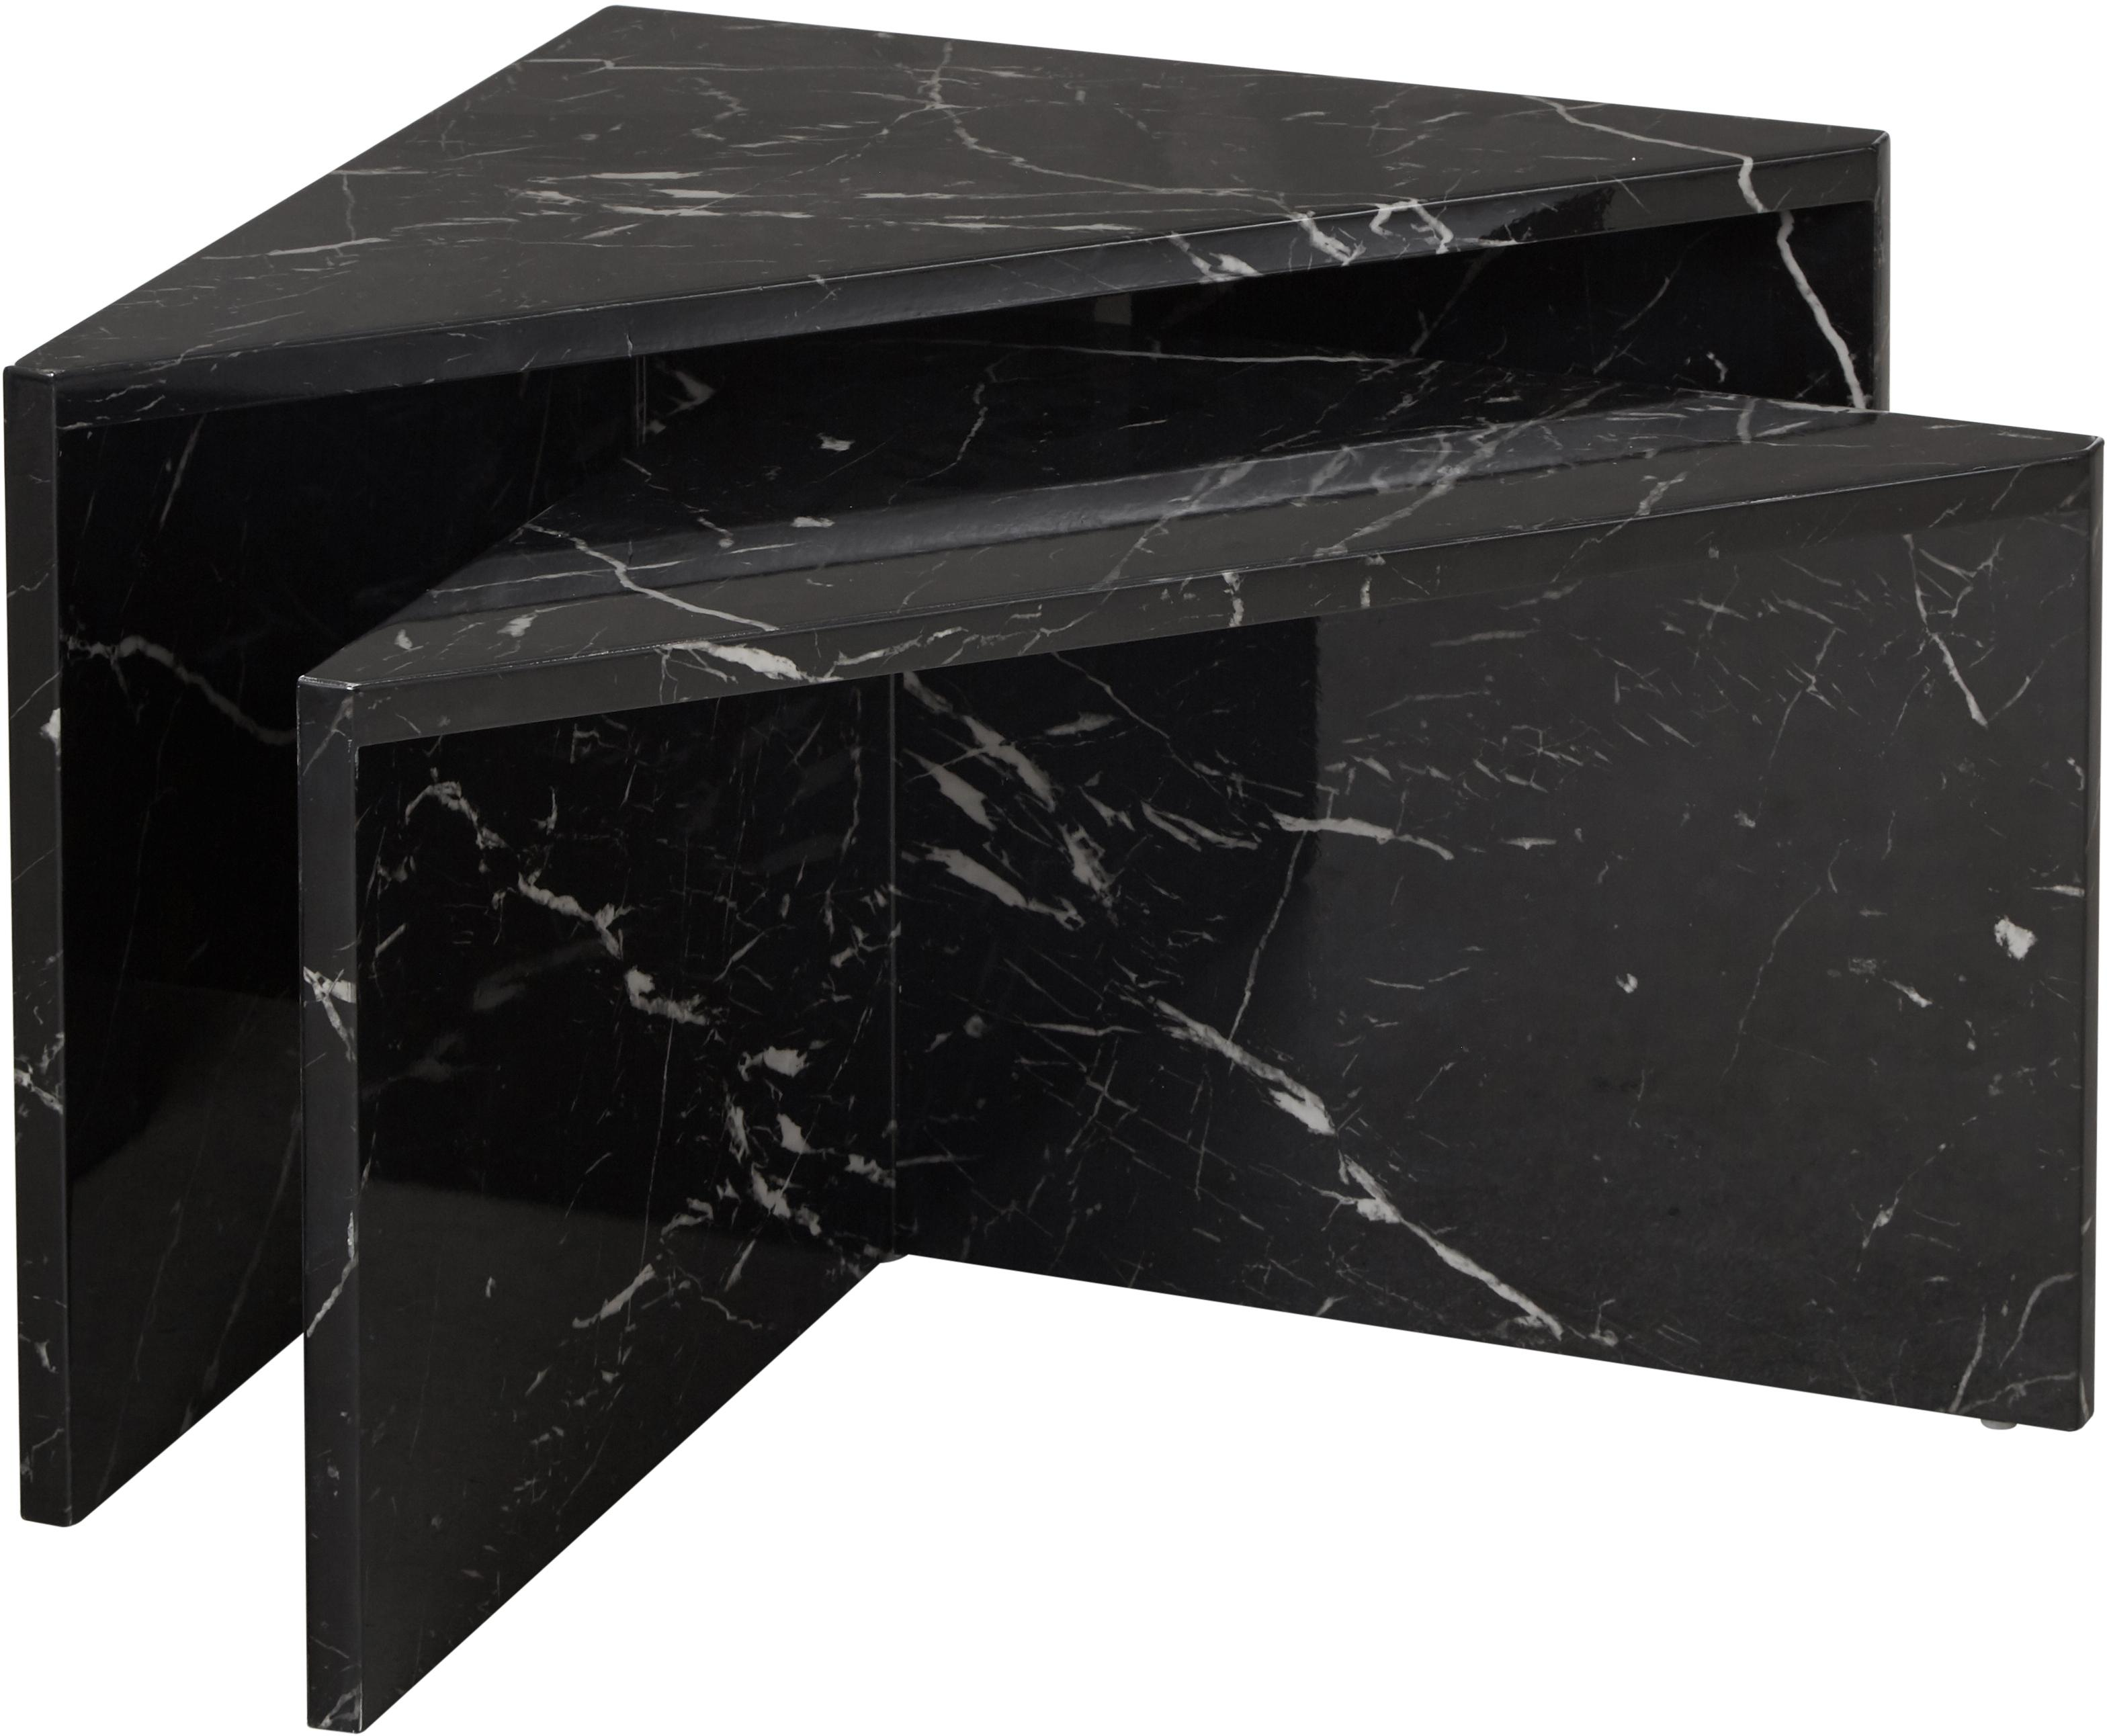 Salontafelset Vilma in marmerlook, 2-delig, MDF bedekt met gelakt papier in marmerlook, Zwart, gemarmerd, glanzend, Verschillende formaten